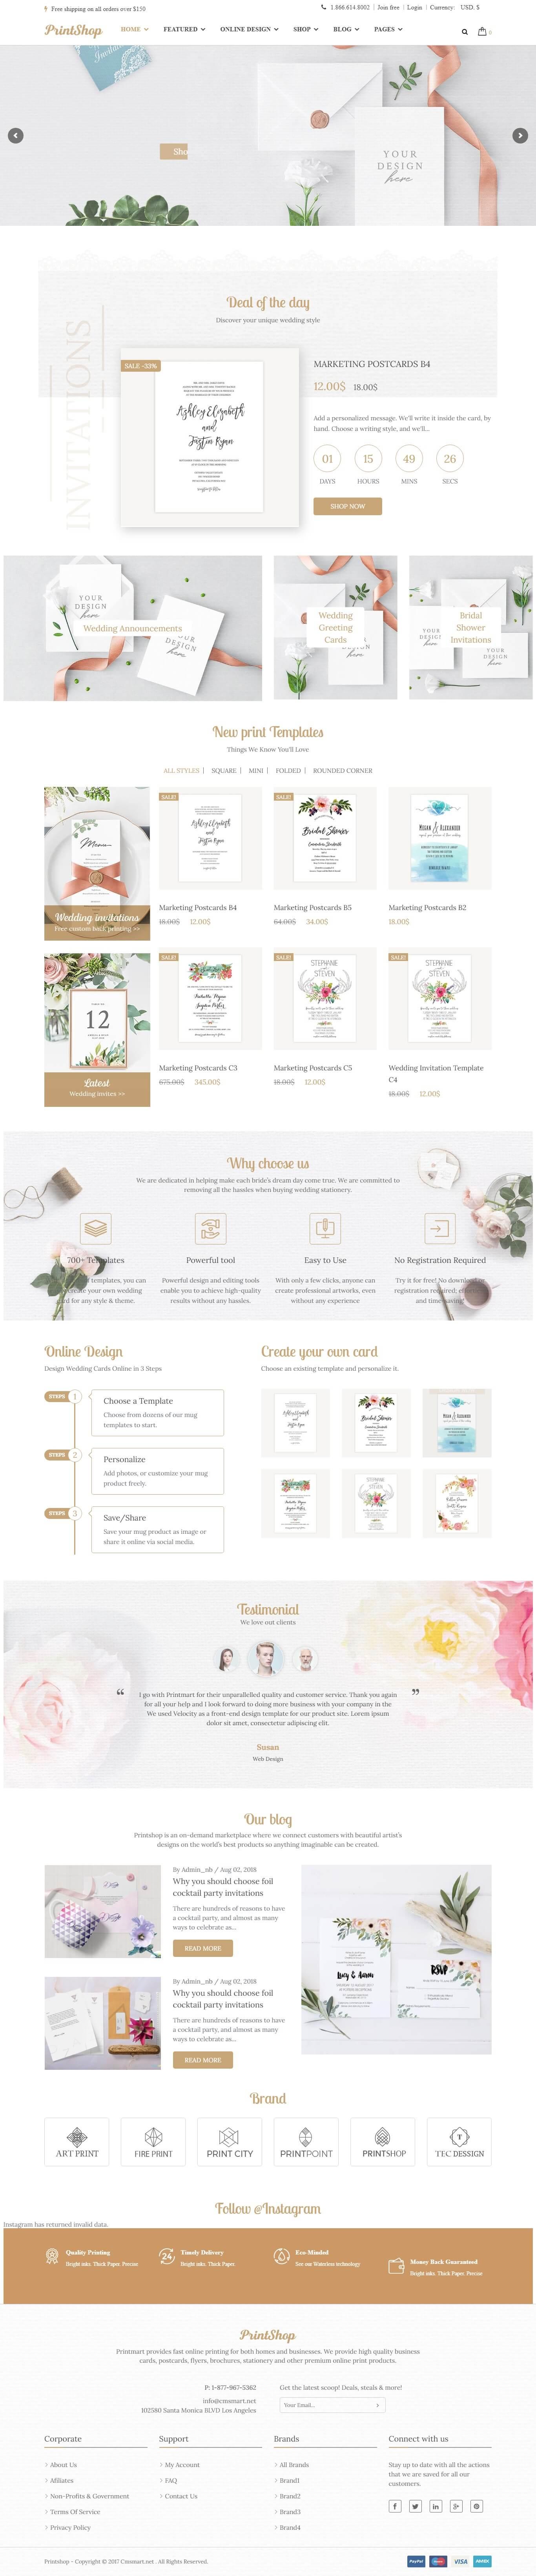 Wedding Card Printings